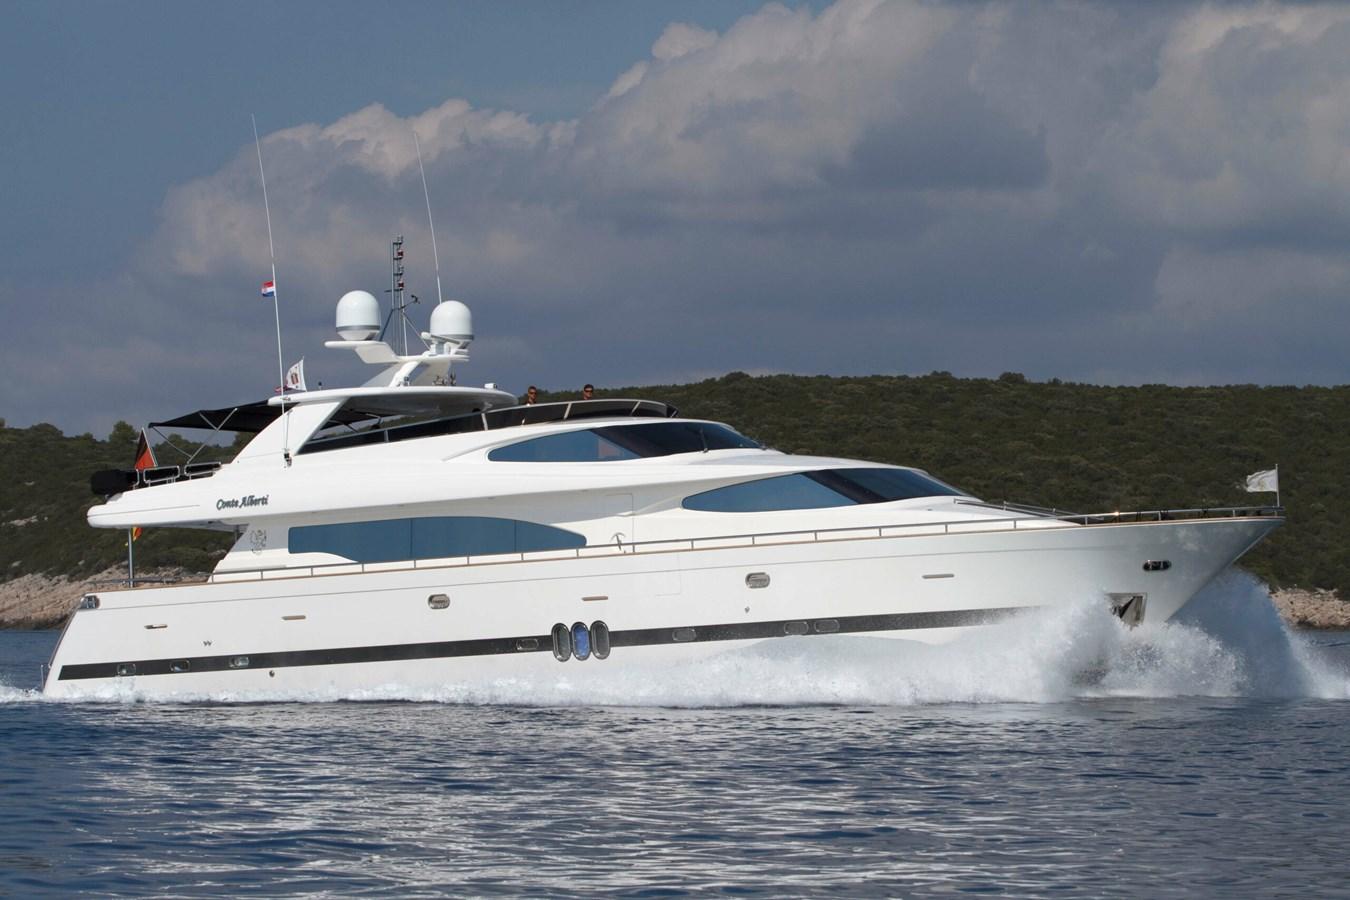 Conte Alberti yacht for sale